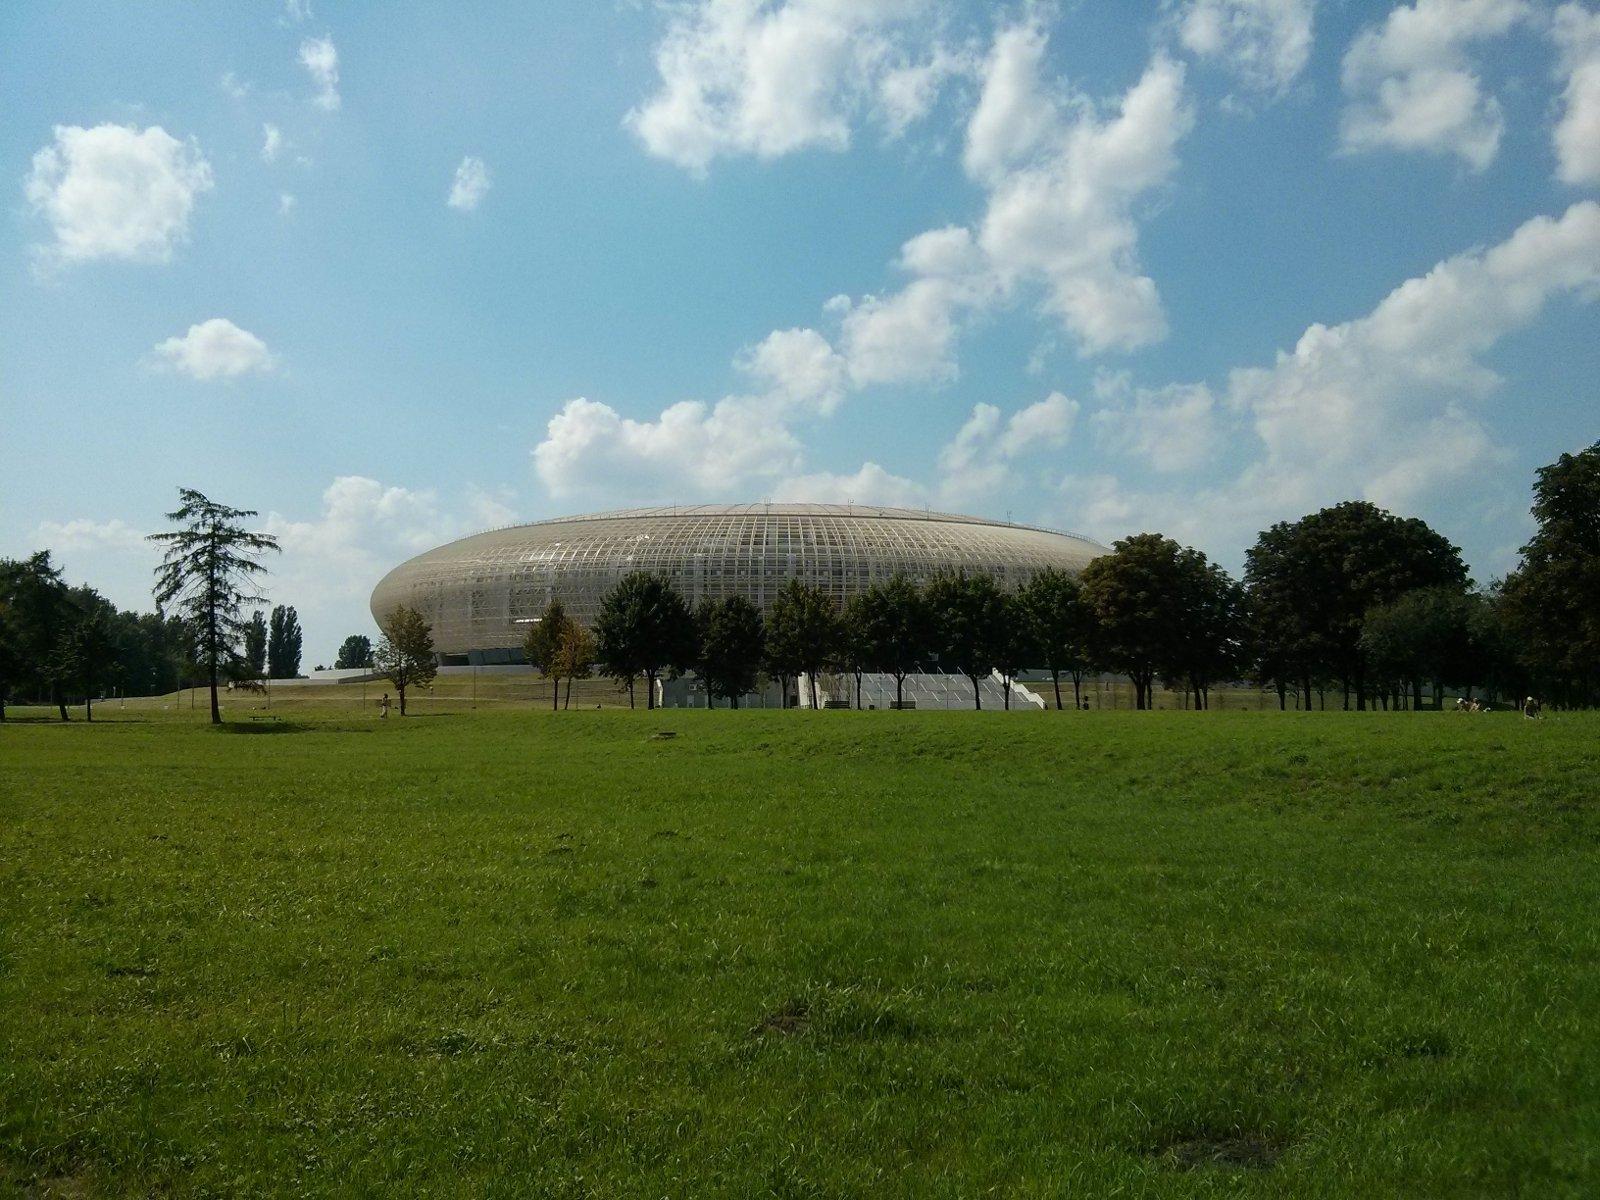 Zdjęcia hali widowiskowo-sportowej w Czyżynach